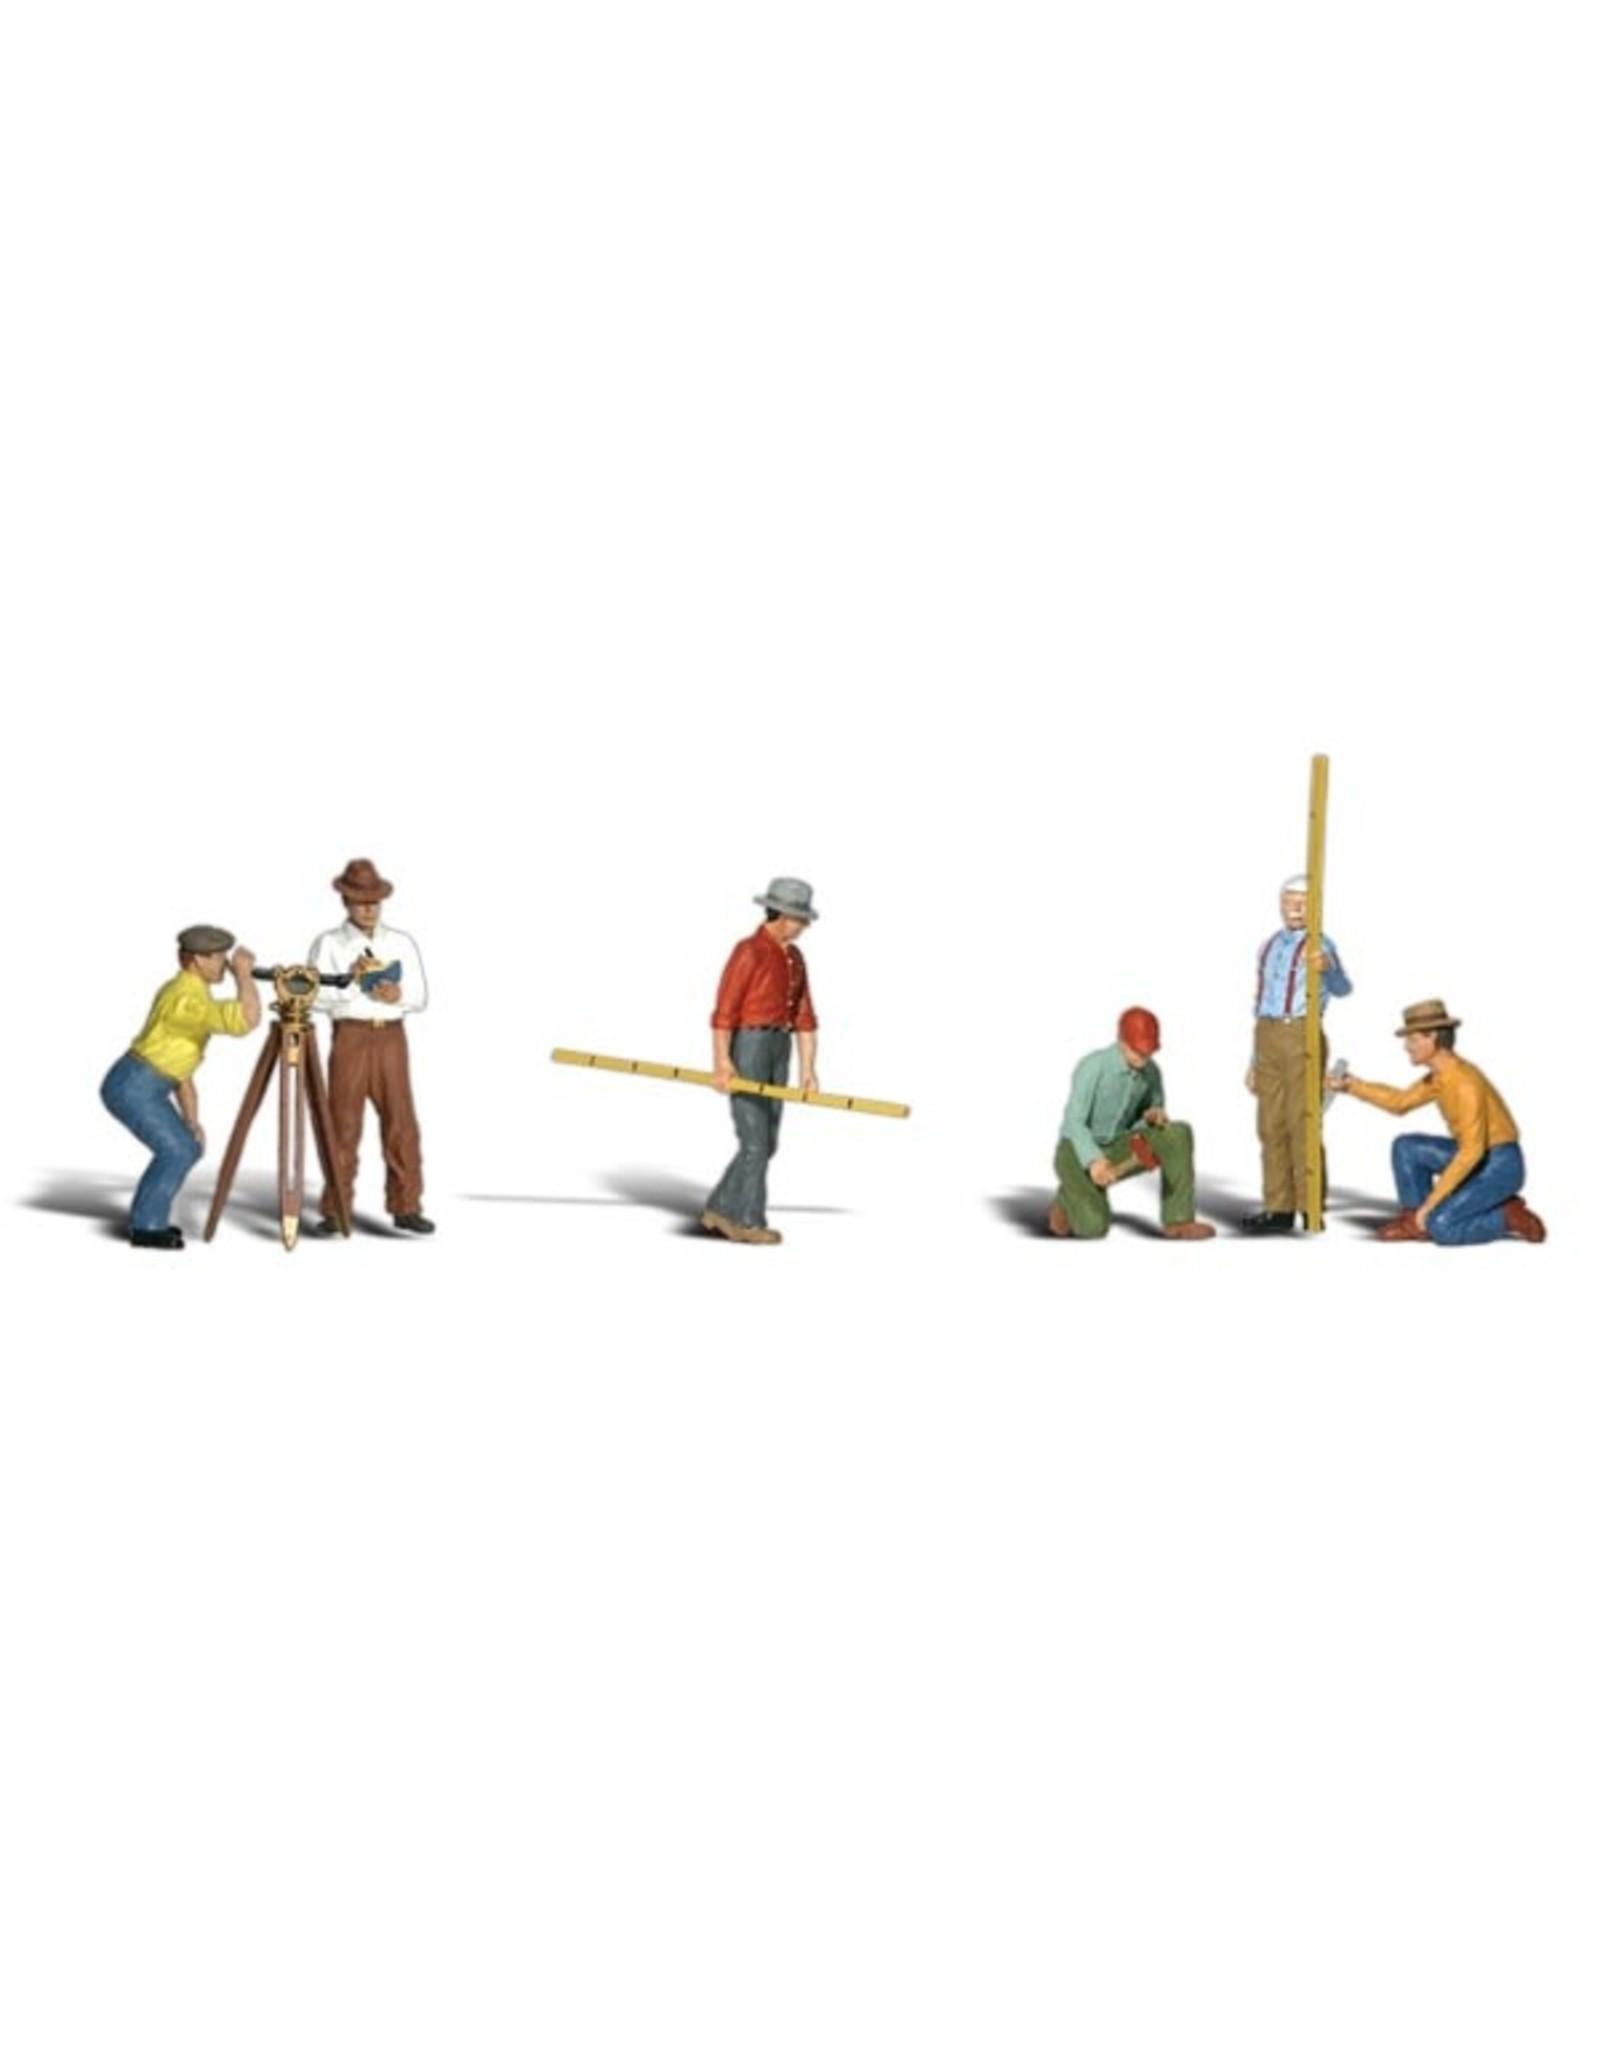 WOO HO Surveyors